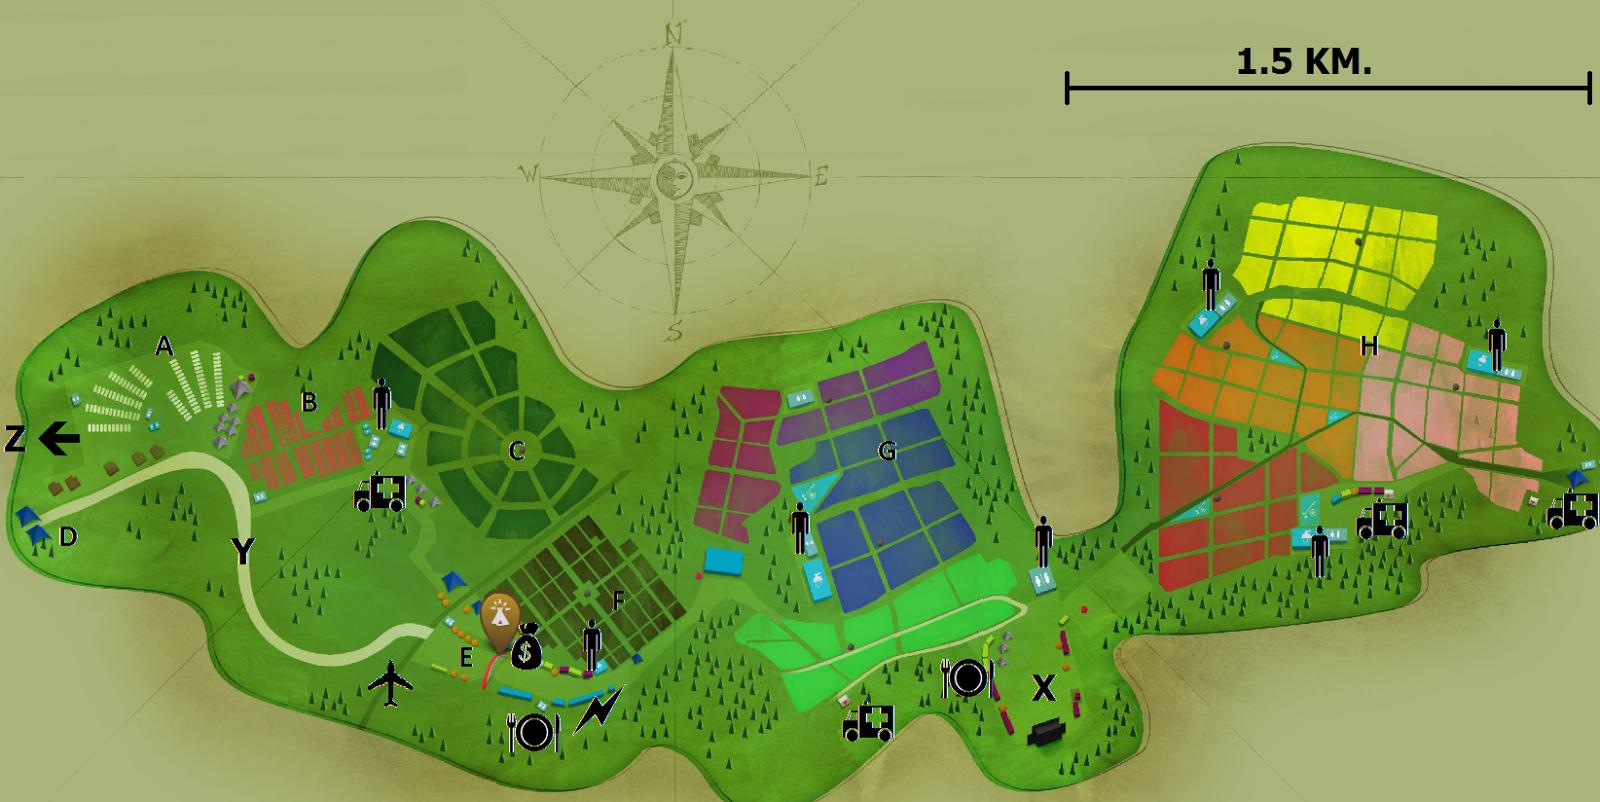 Marca Del Mapa Símbolo De Ios 7: Bienvenido Al DreamVille